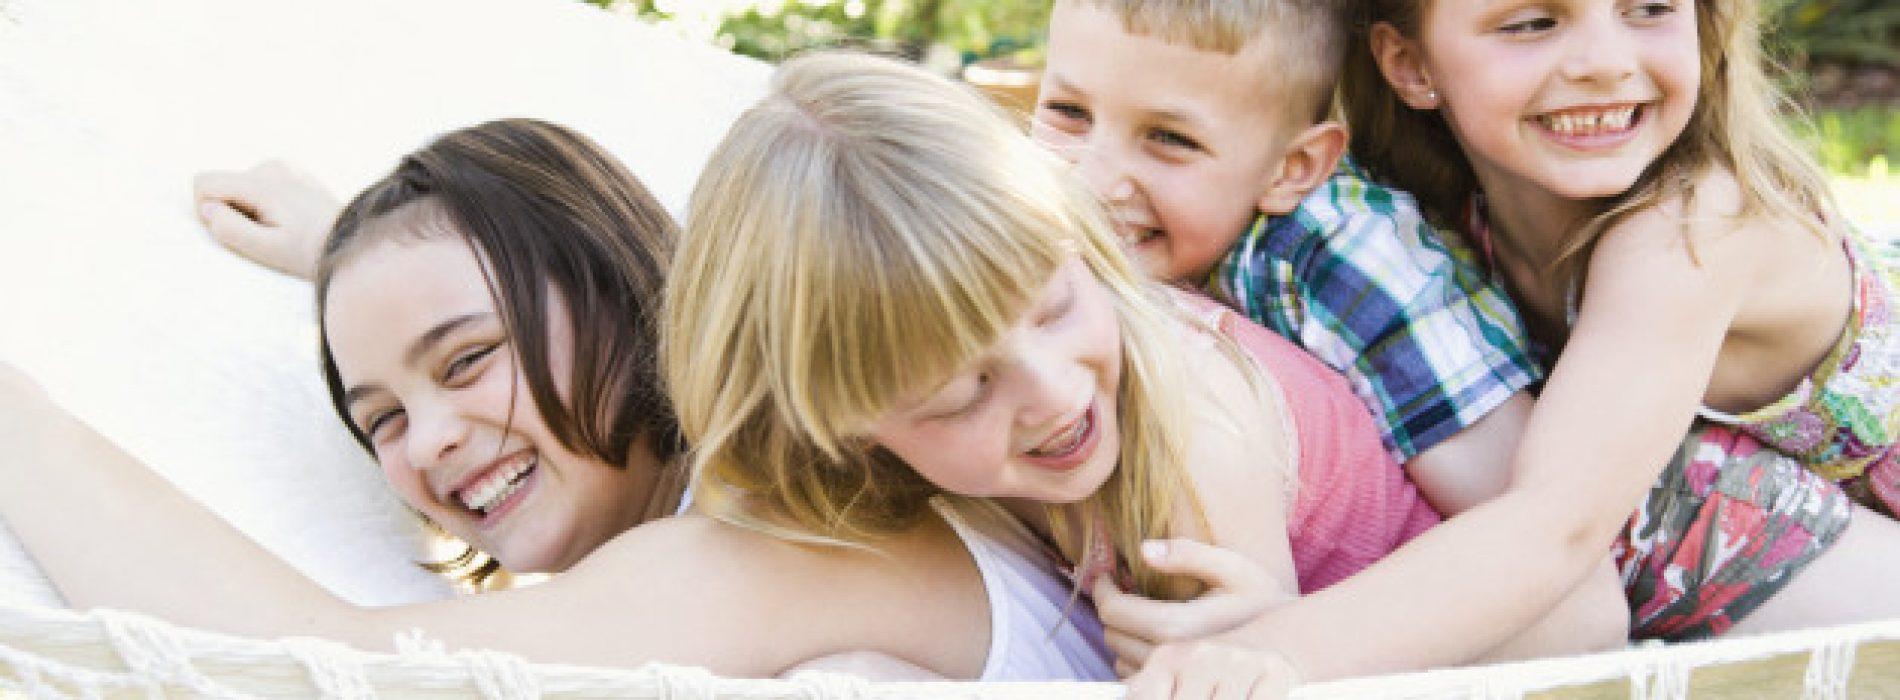 哪樣最重要 - 孩子的笑臉,還是贏在起跑線?